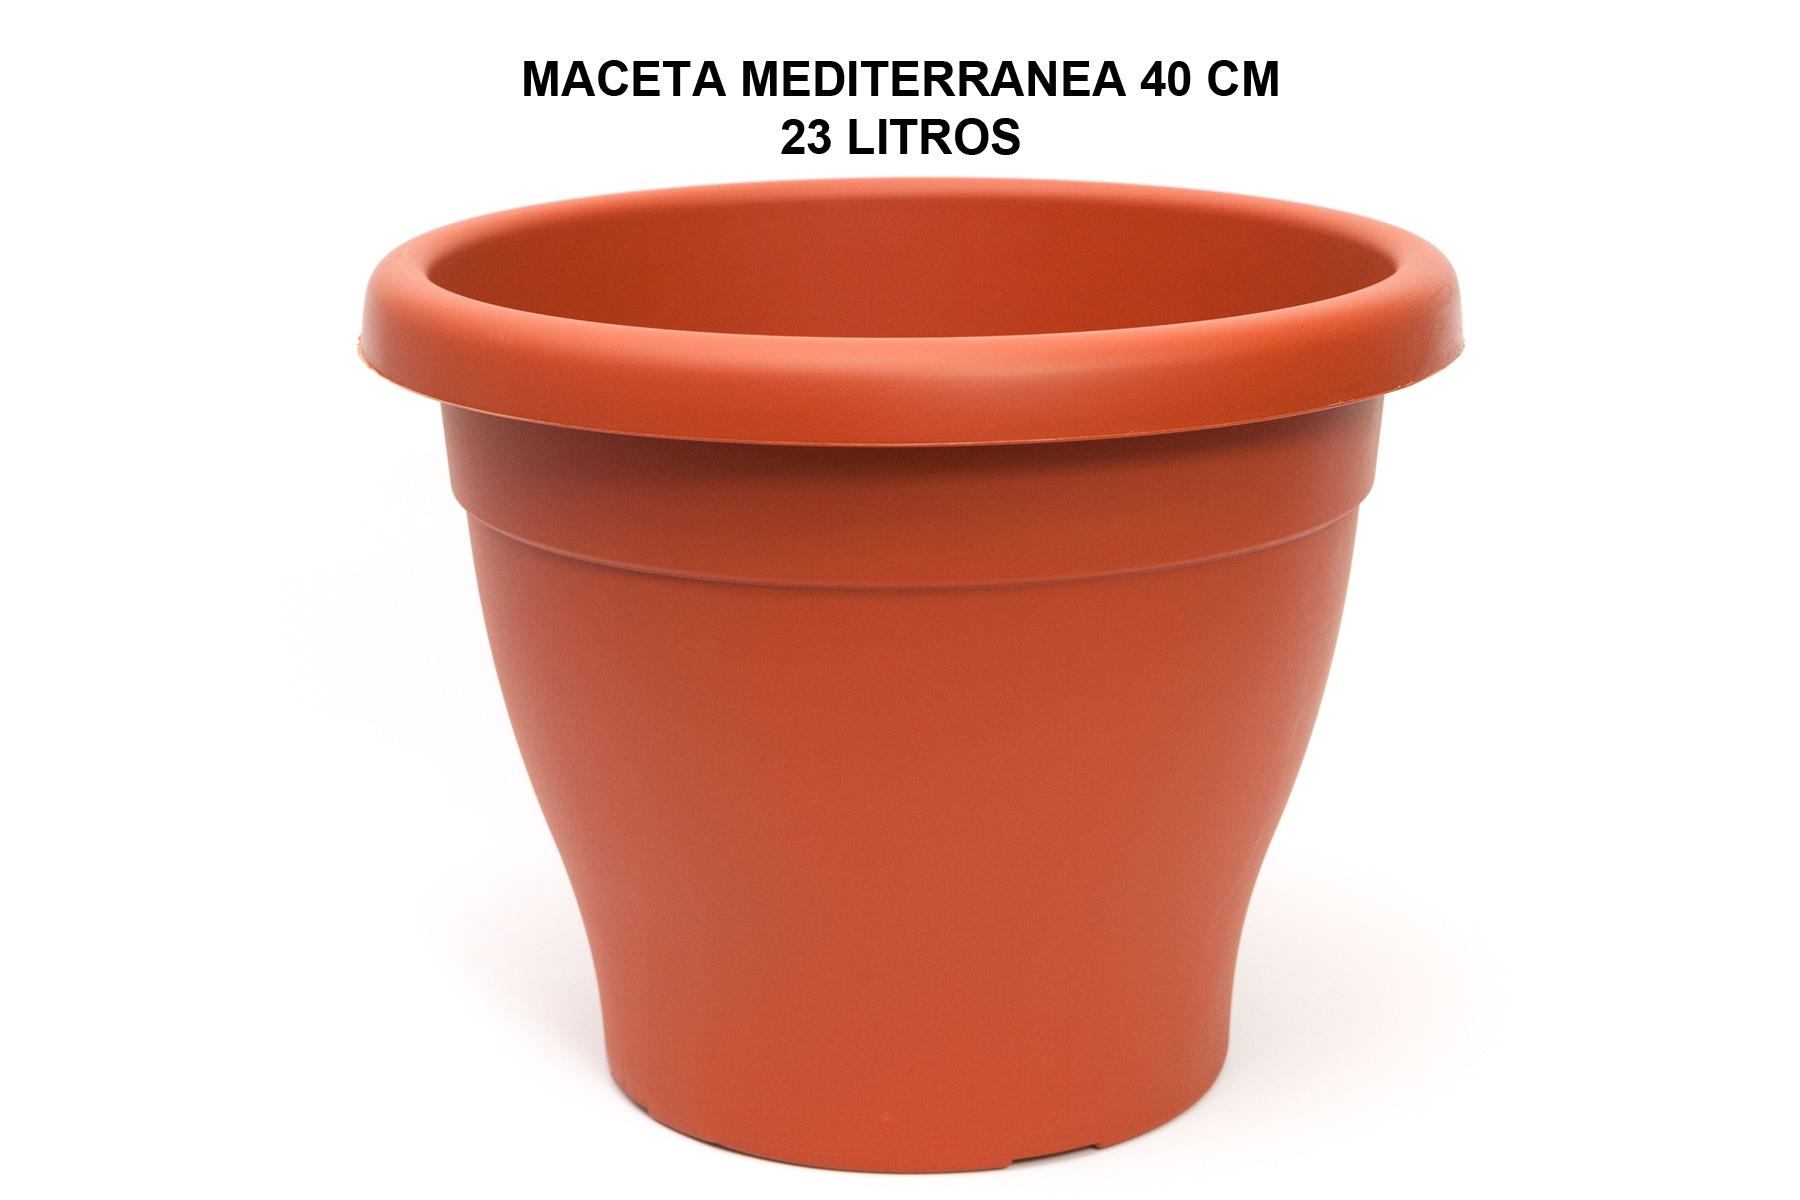 MACETA MEDITERRANEA 40 CM P